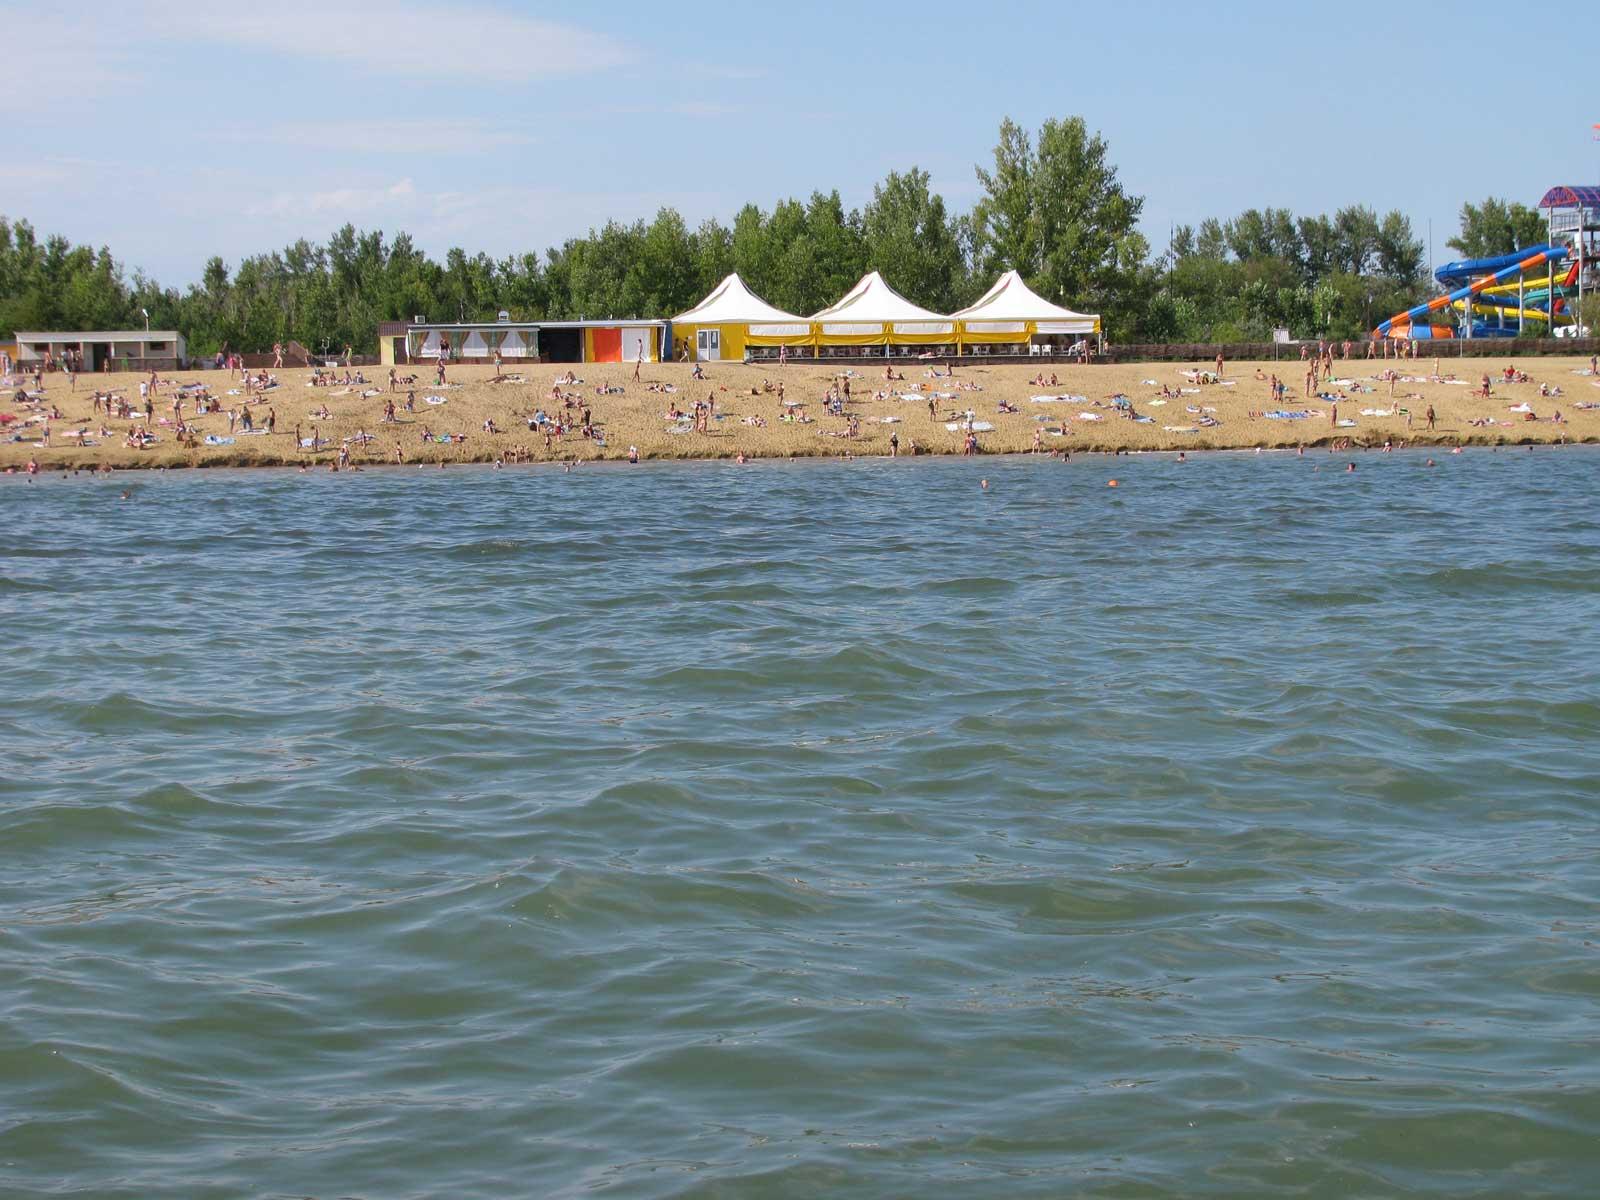 озеро яровое алтайский край фото Менеджер Алматы Дмитрий